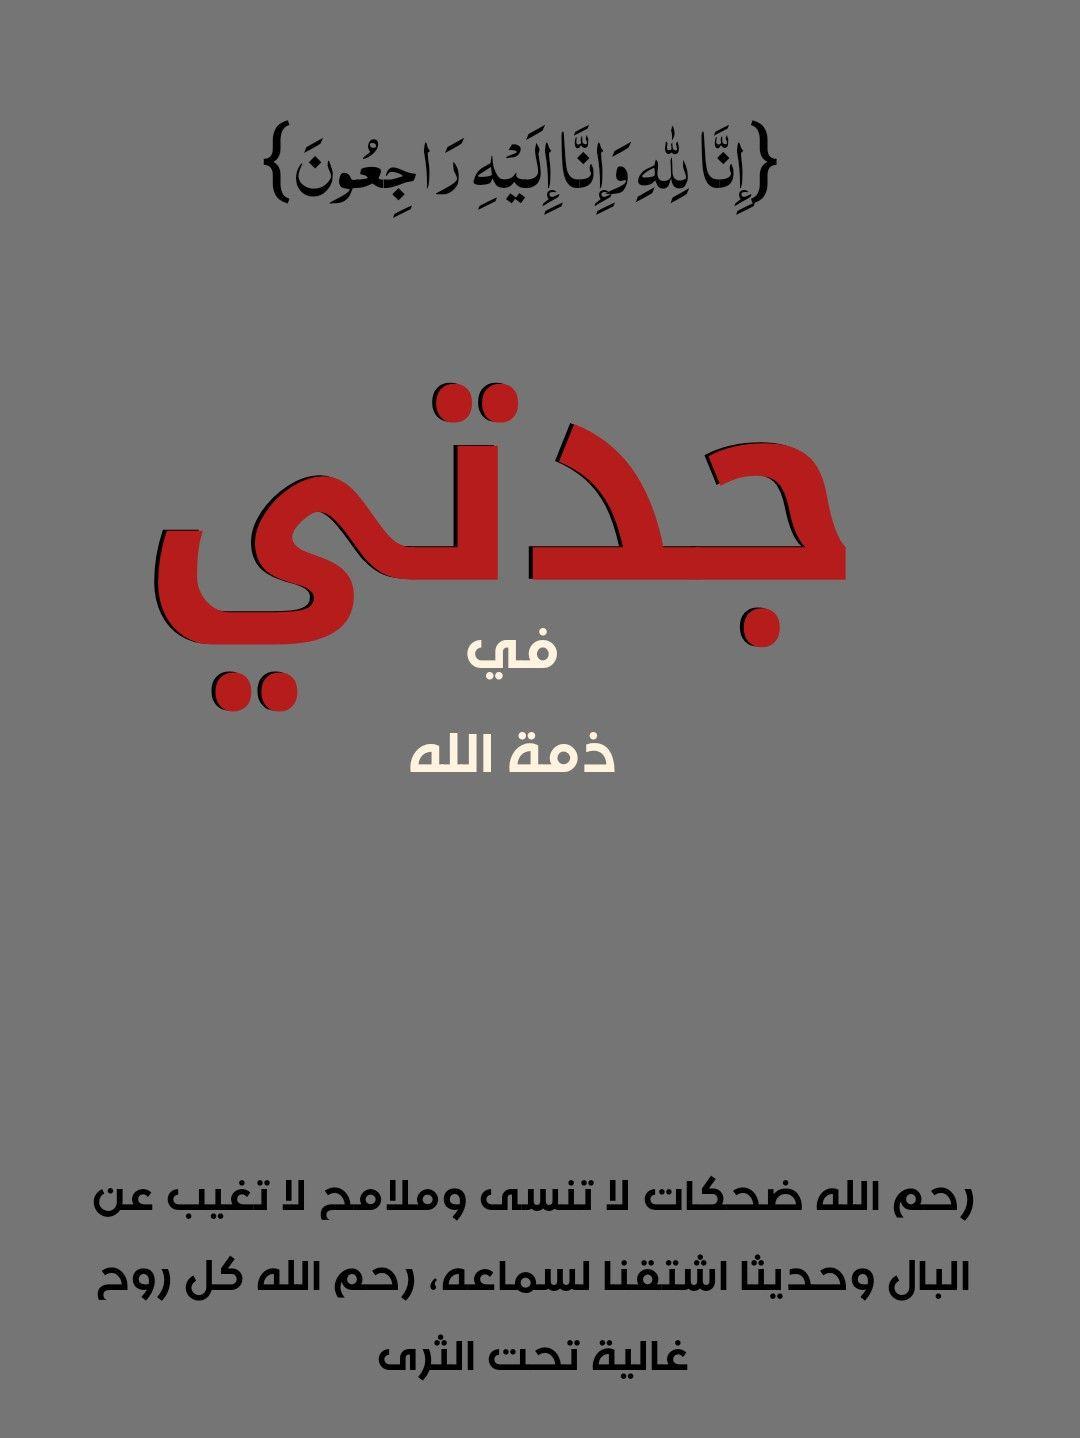 جدتي رحمك الله Arabic Love Quotes Quotes Love Quotes